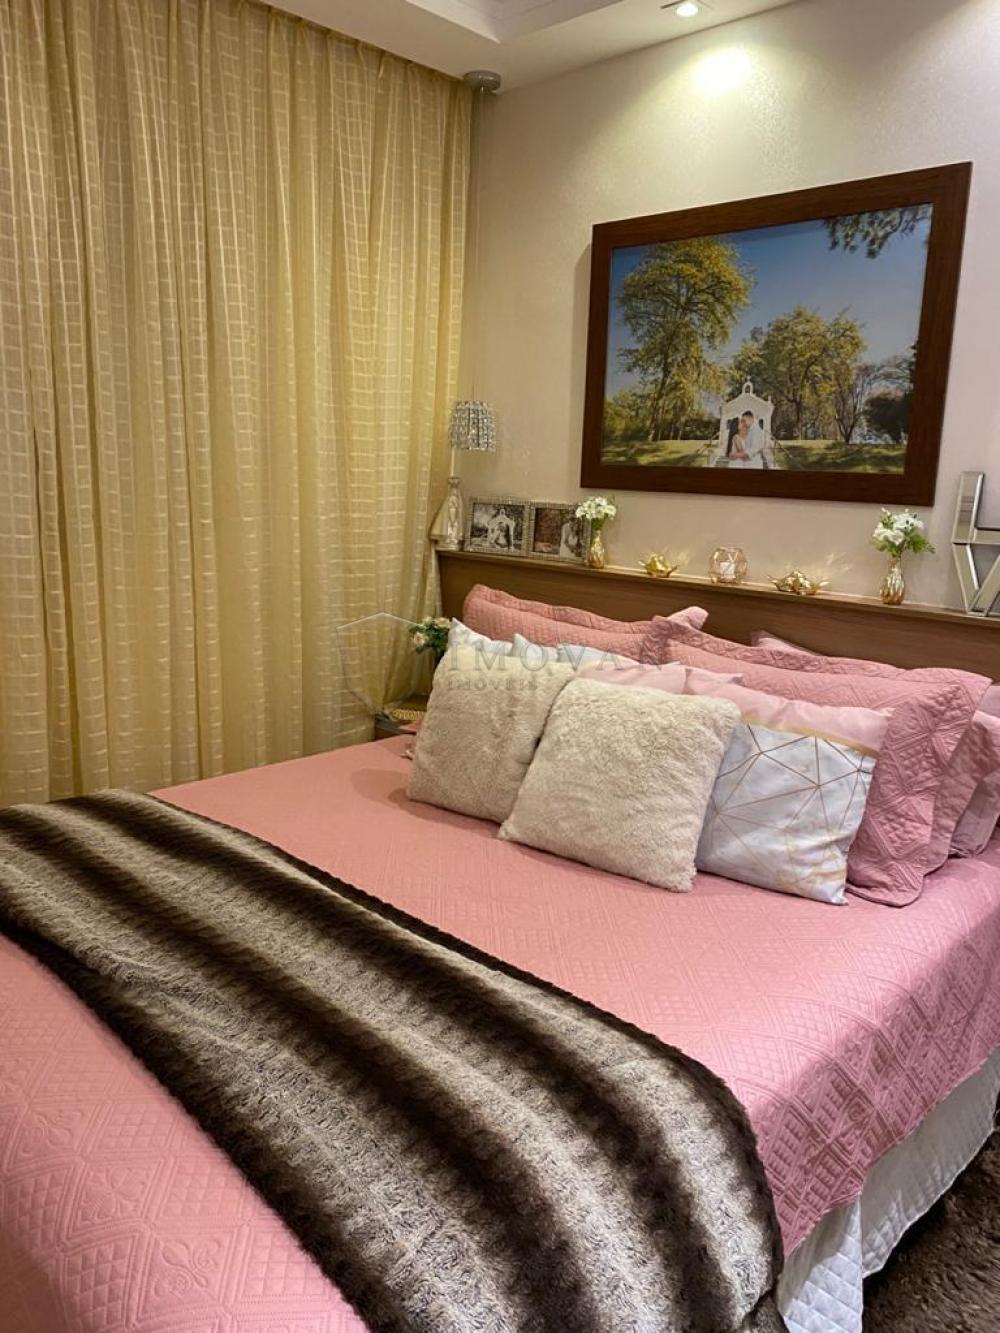 Comprar Apartamento / Padrão em Ribeirão Preto apenas R$ 195.000,00 - Foto 17